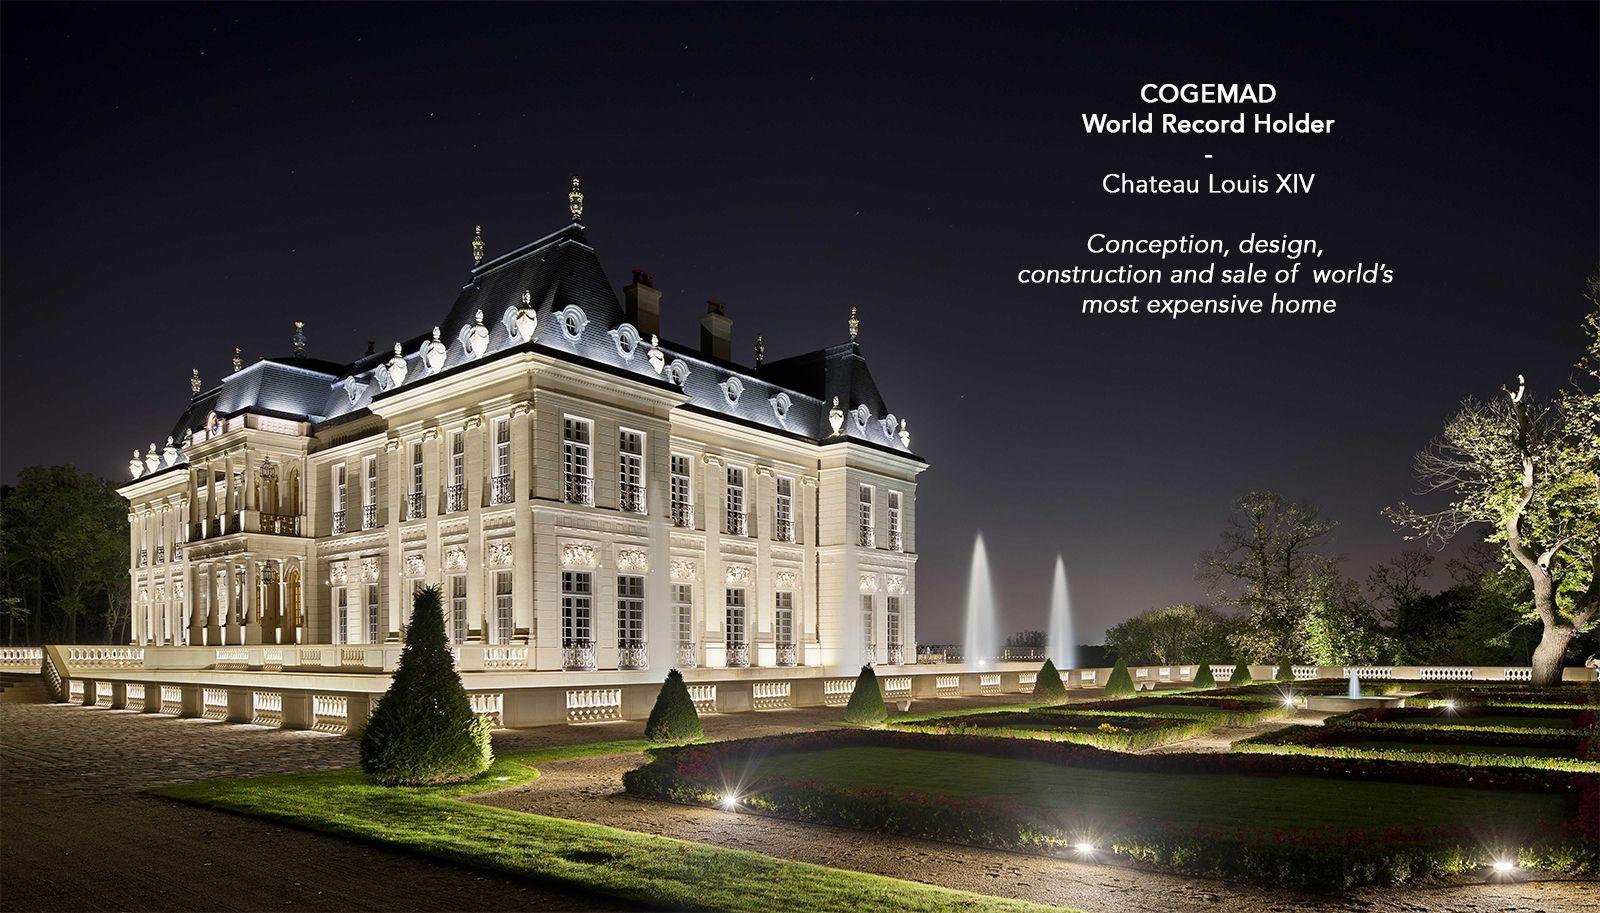 Ch teau louis xiv france cogemad demeures et for Chateau louis 14 louveciennes